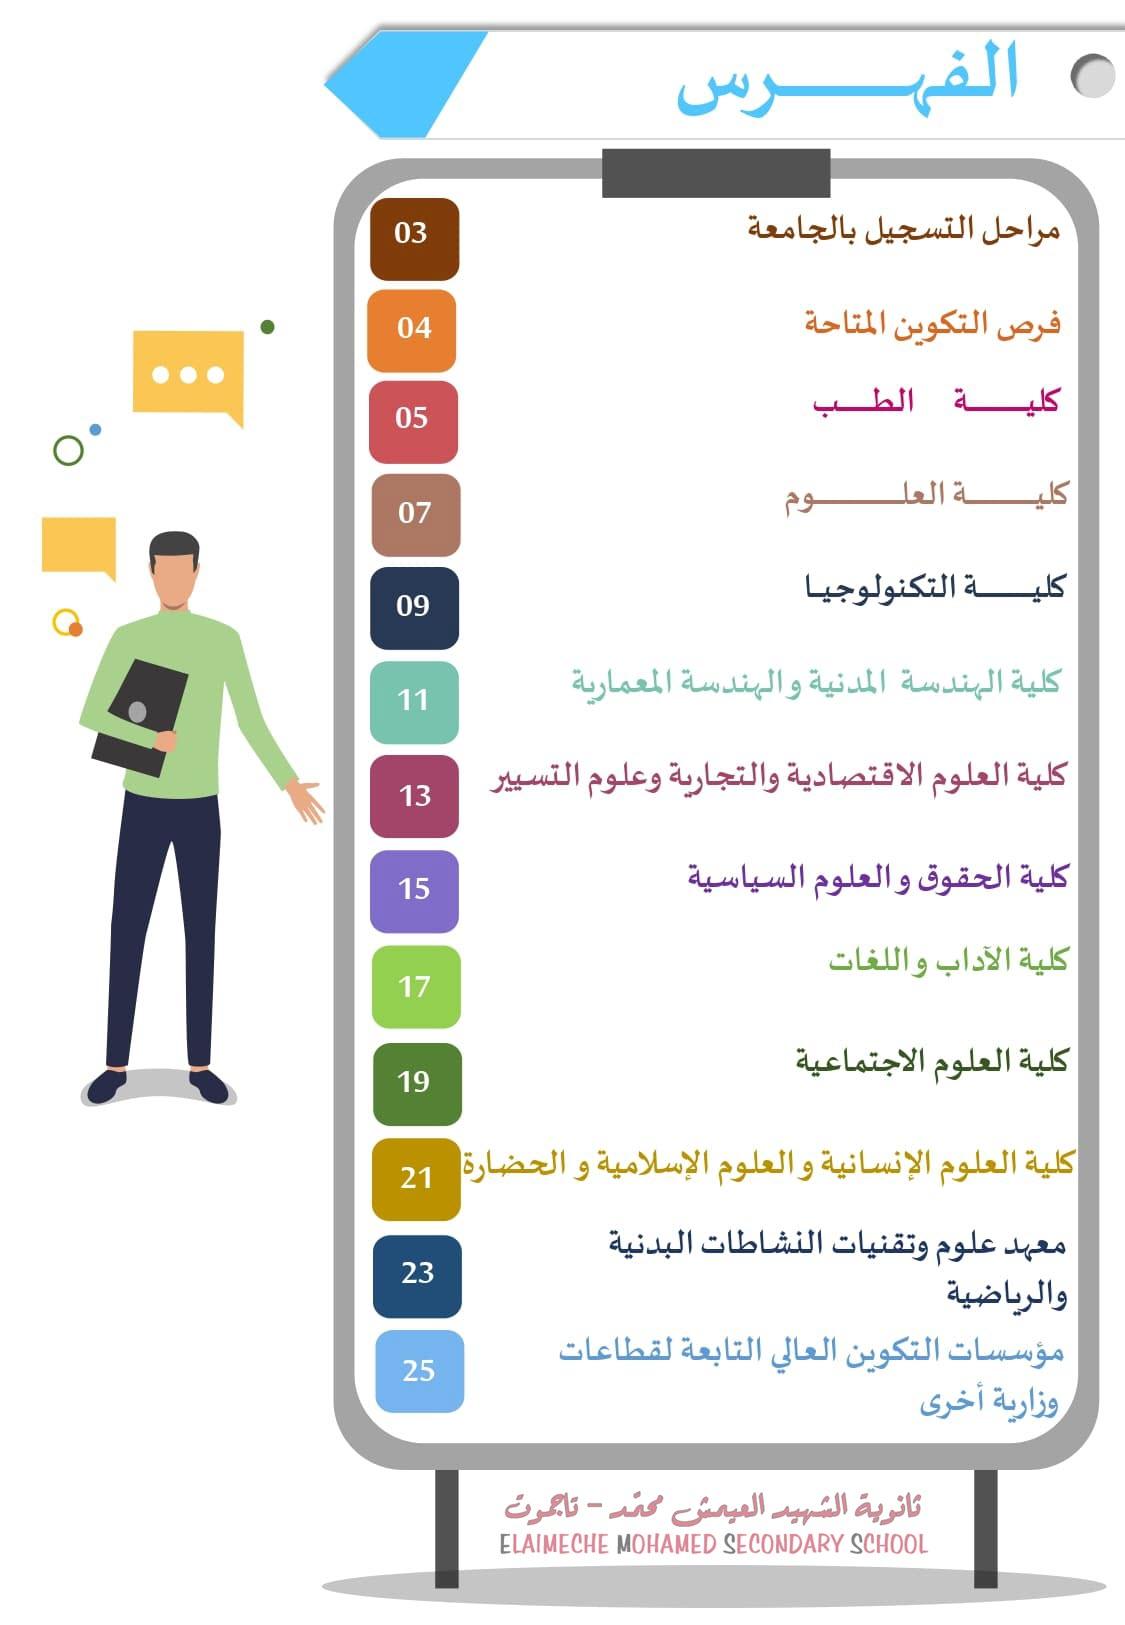 جامعة عمار ثليجي